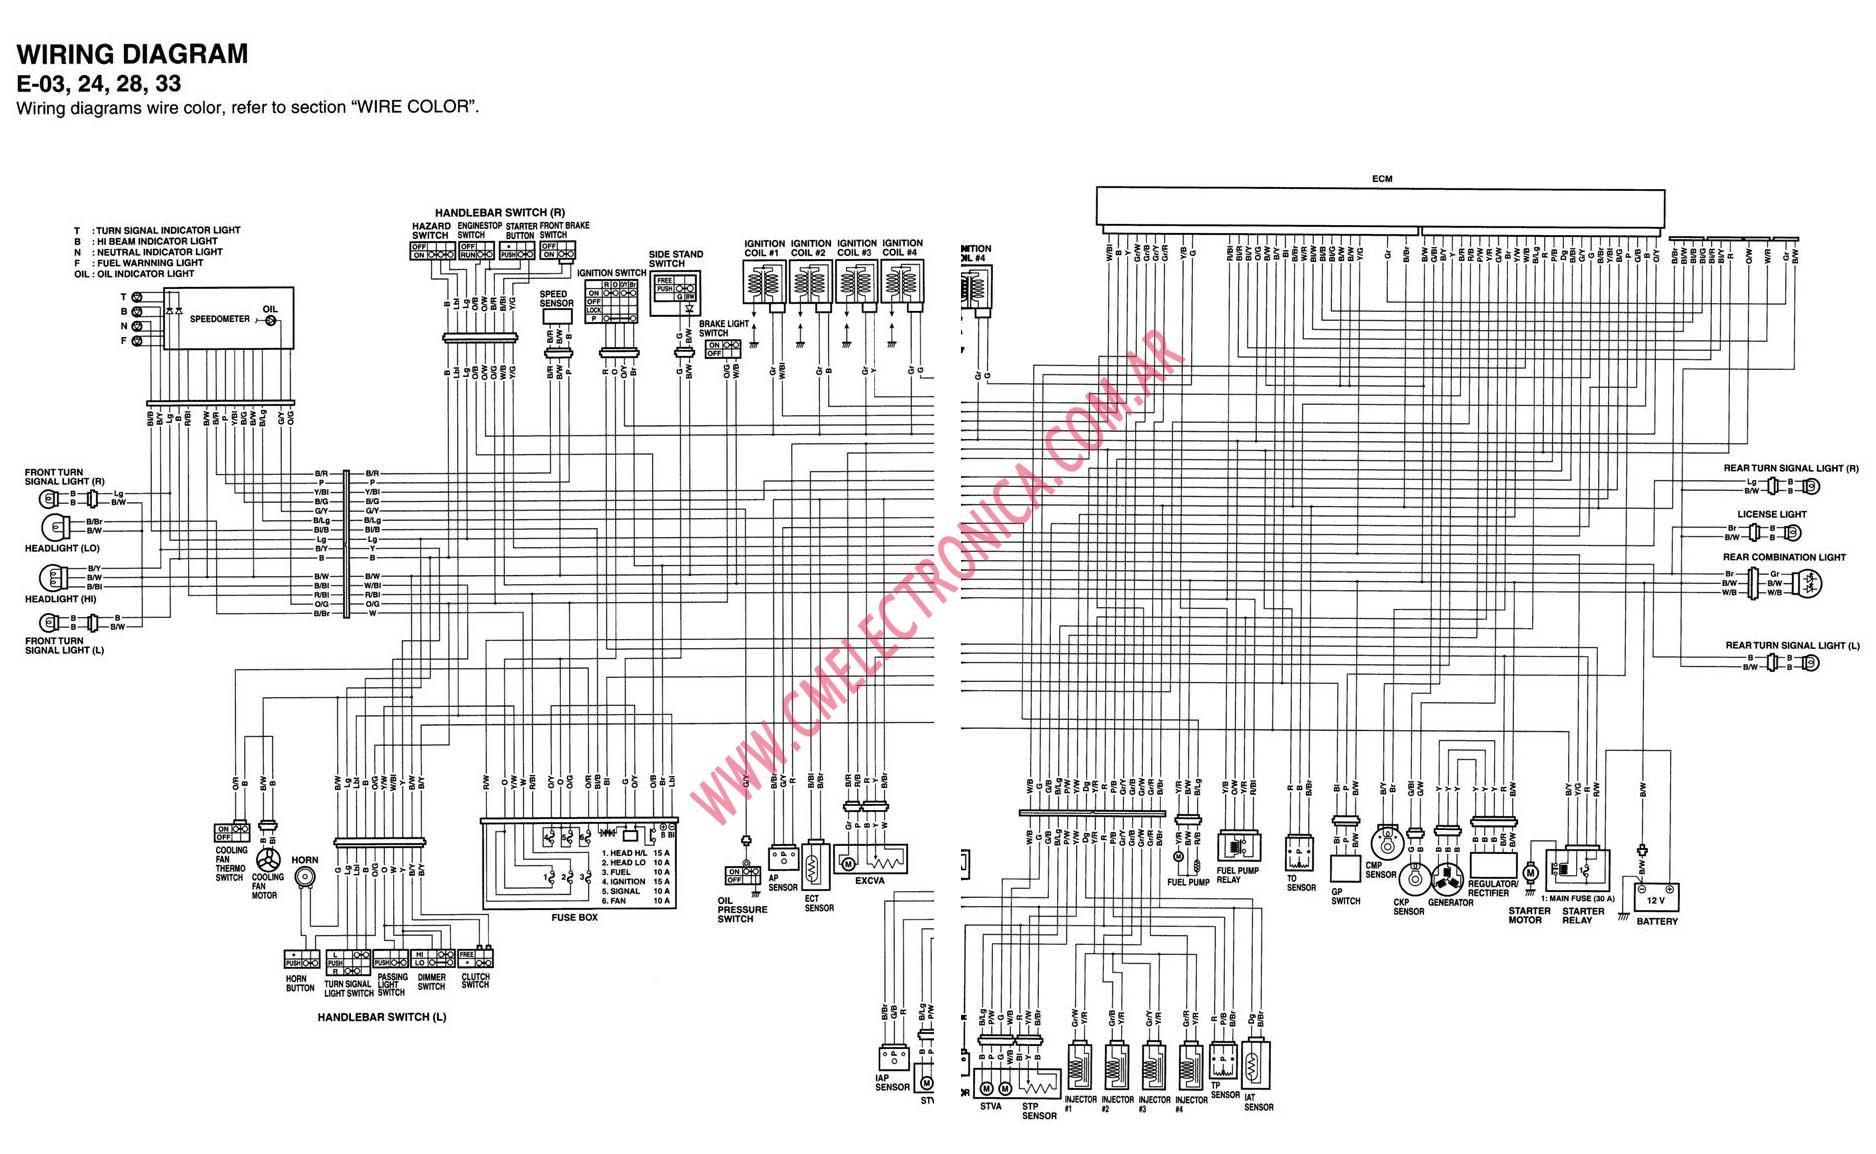 hight resolution of 1997 suzuki gsxr wiring diagram schematic wiring library 91 suzuki gsxr 1100 wiring diagram free download wiring diagram